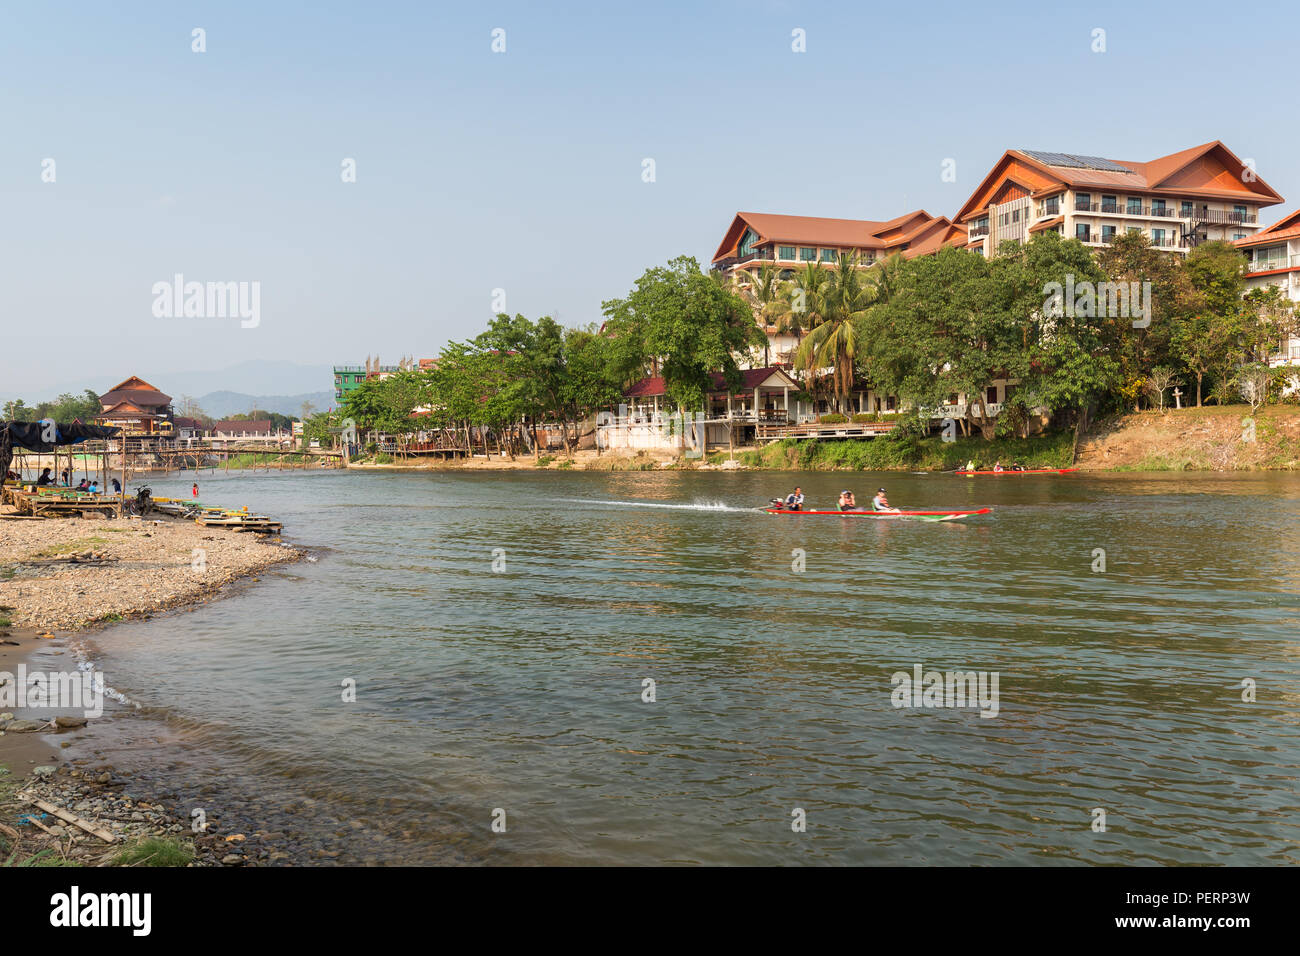 Peu de gens et des bateaux sur la rivière Nam Song et d'hôtels à Vang Vieng, province de Vientiane, Laos, lors d'une journée ensoleillée. Photo Stock